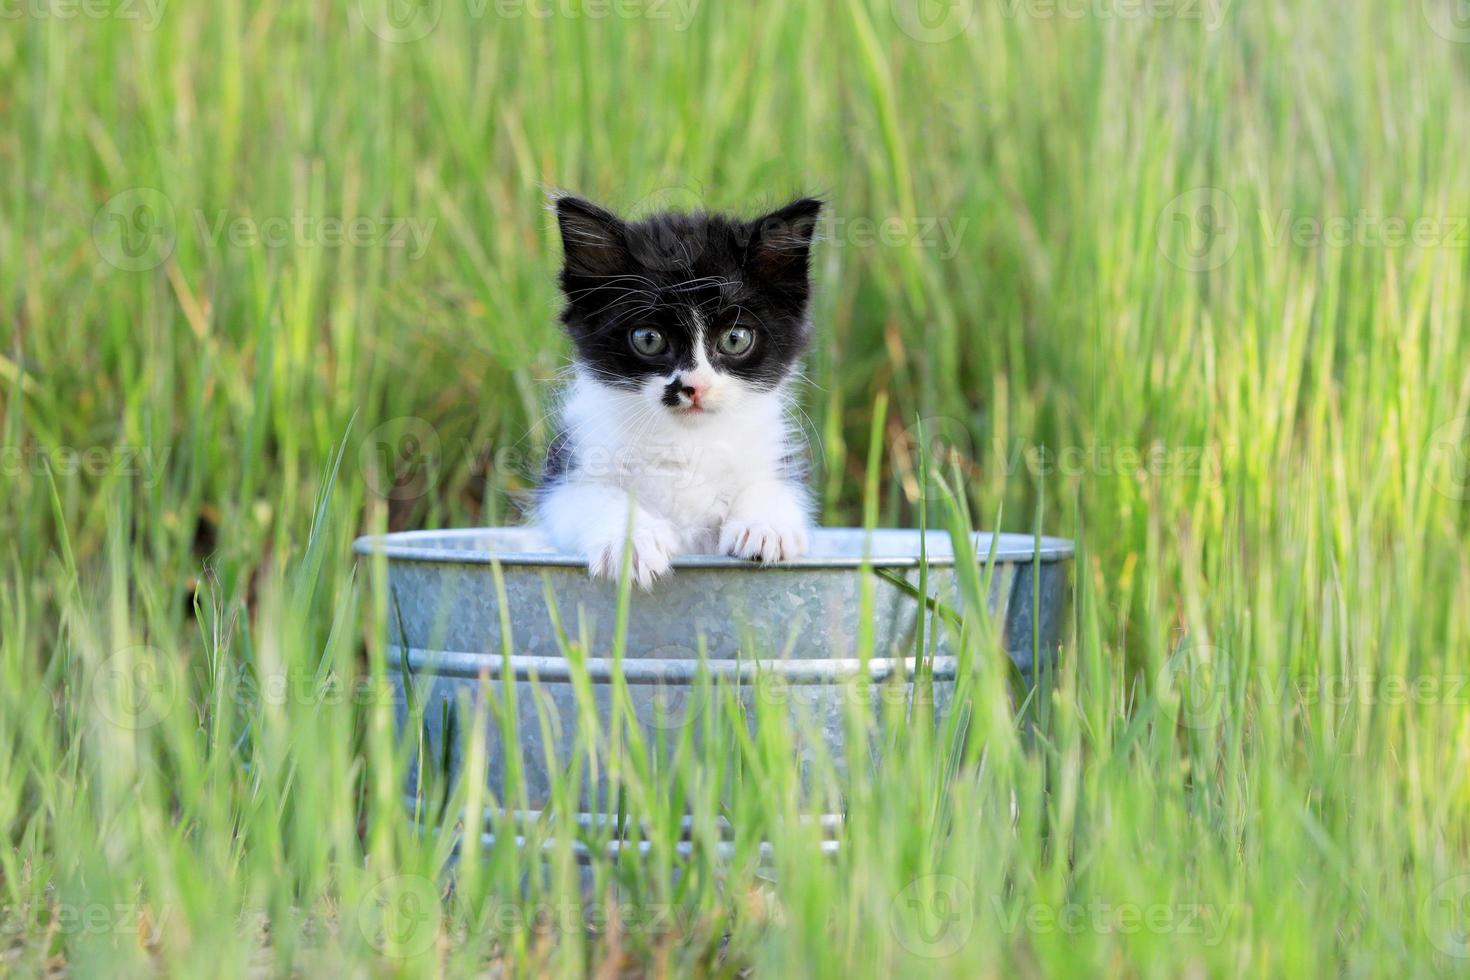 chaton à l'extérieur dans les hautes herbes vertes par une journée ensoleillée photo